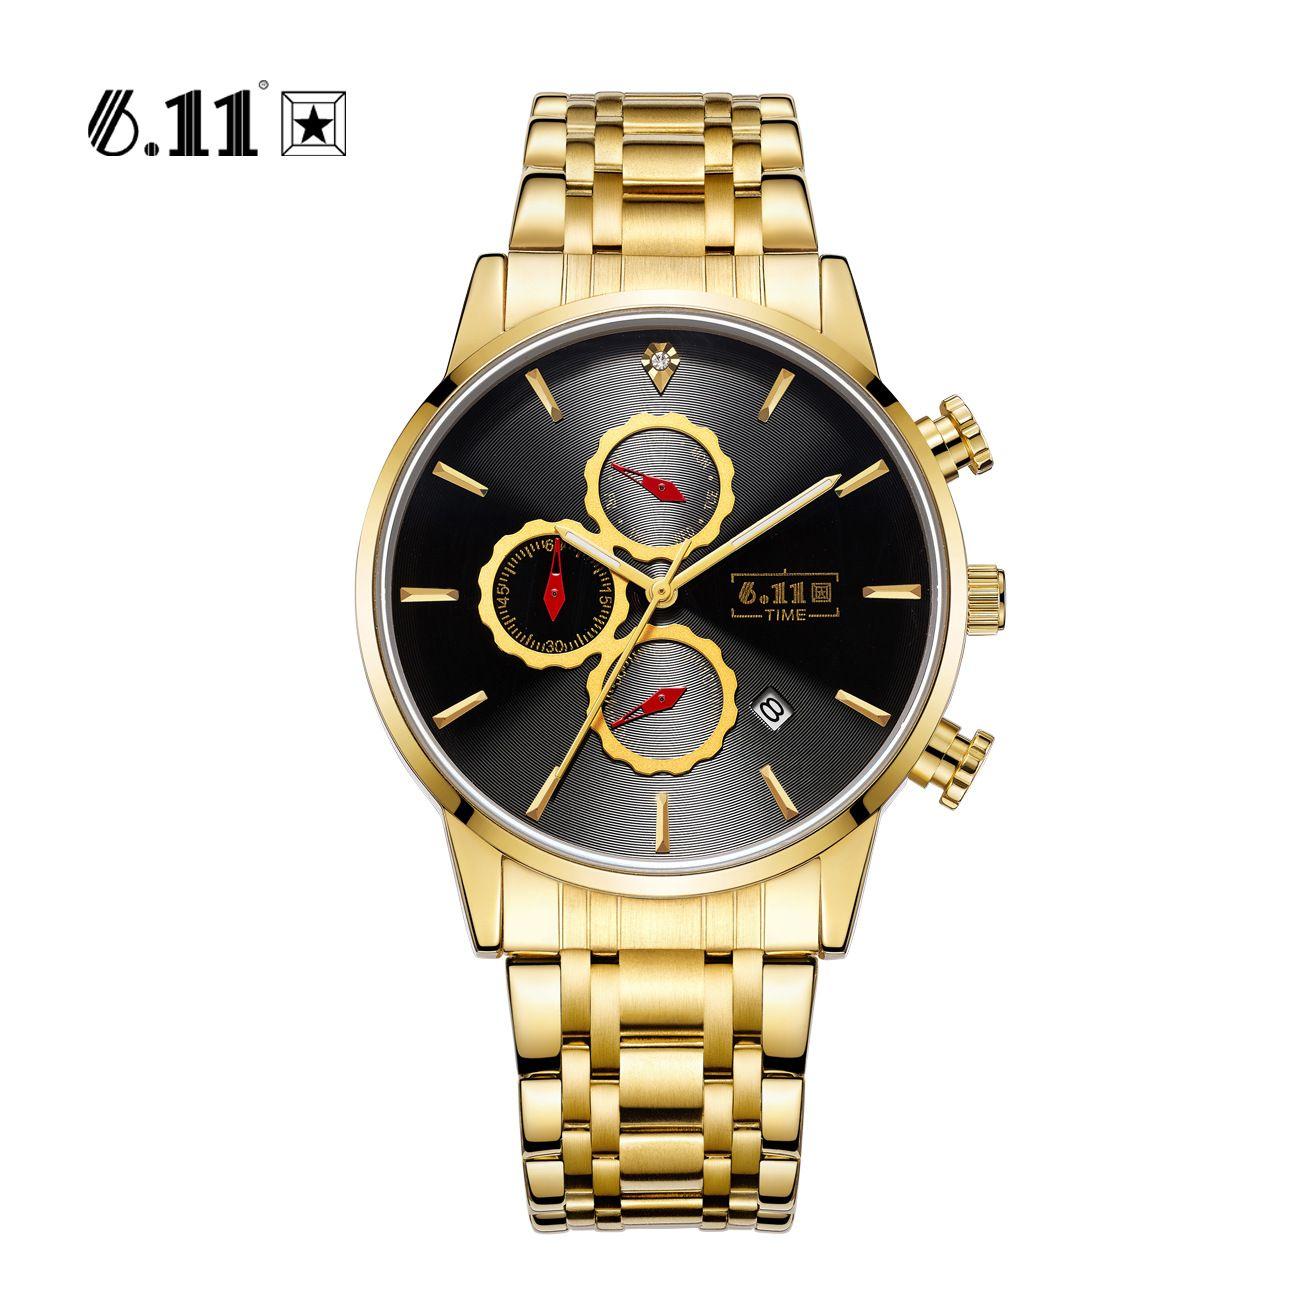 7298794ca545 Compre 6.11 Reloj Para Hombre Reloj De Cuarzo Para Hombre Reloj Calendario Para  Hombre Con Correa De Acero Para Hombre Reloj Deportivo Resistente Al Agua  De ...